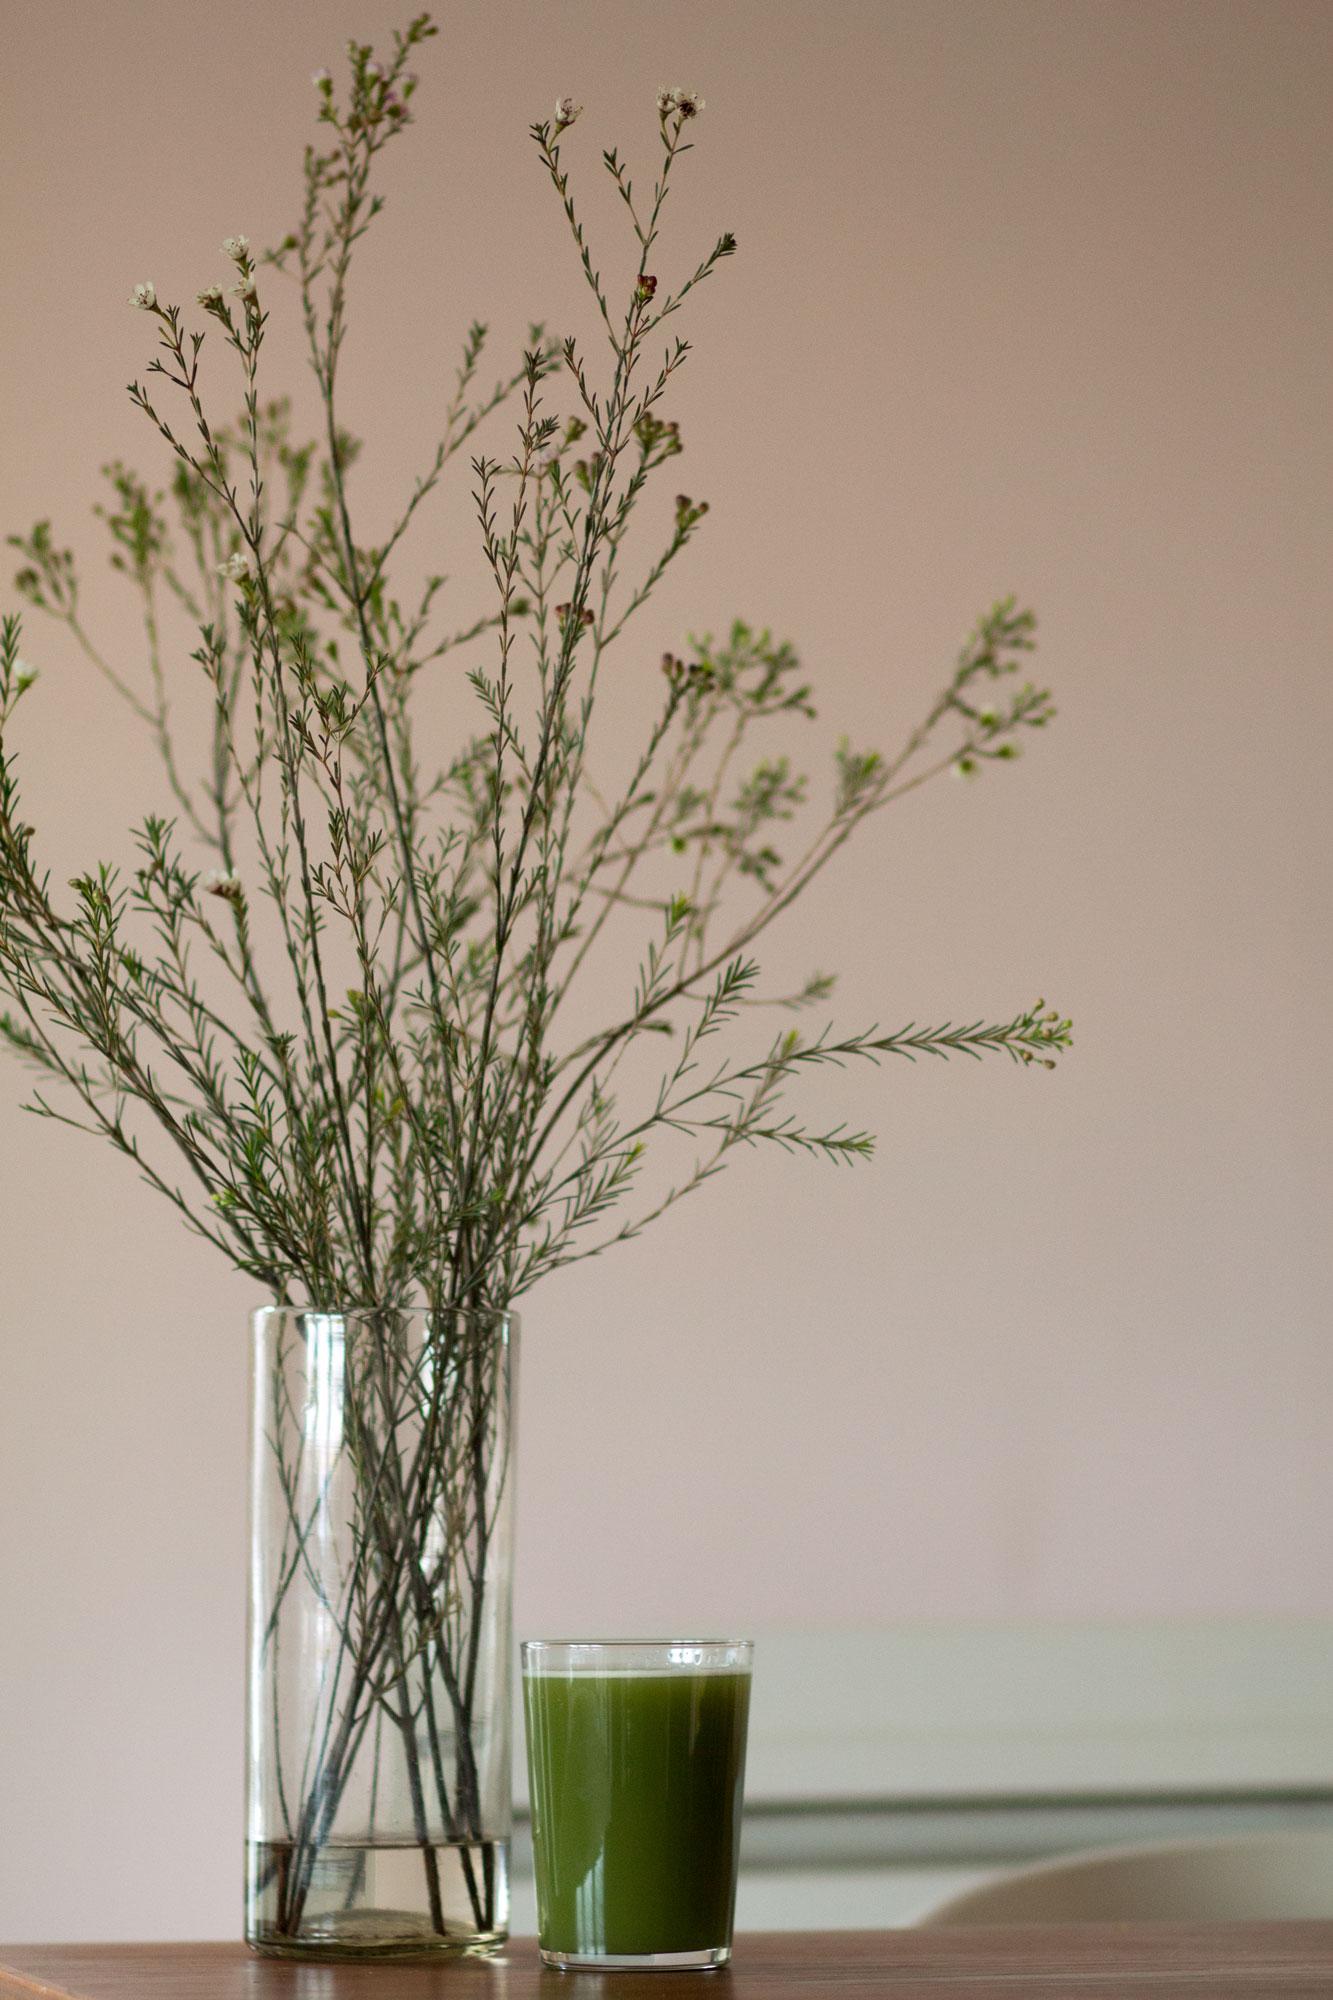 wax-flowers-and-celery-juice-.jpg